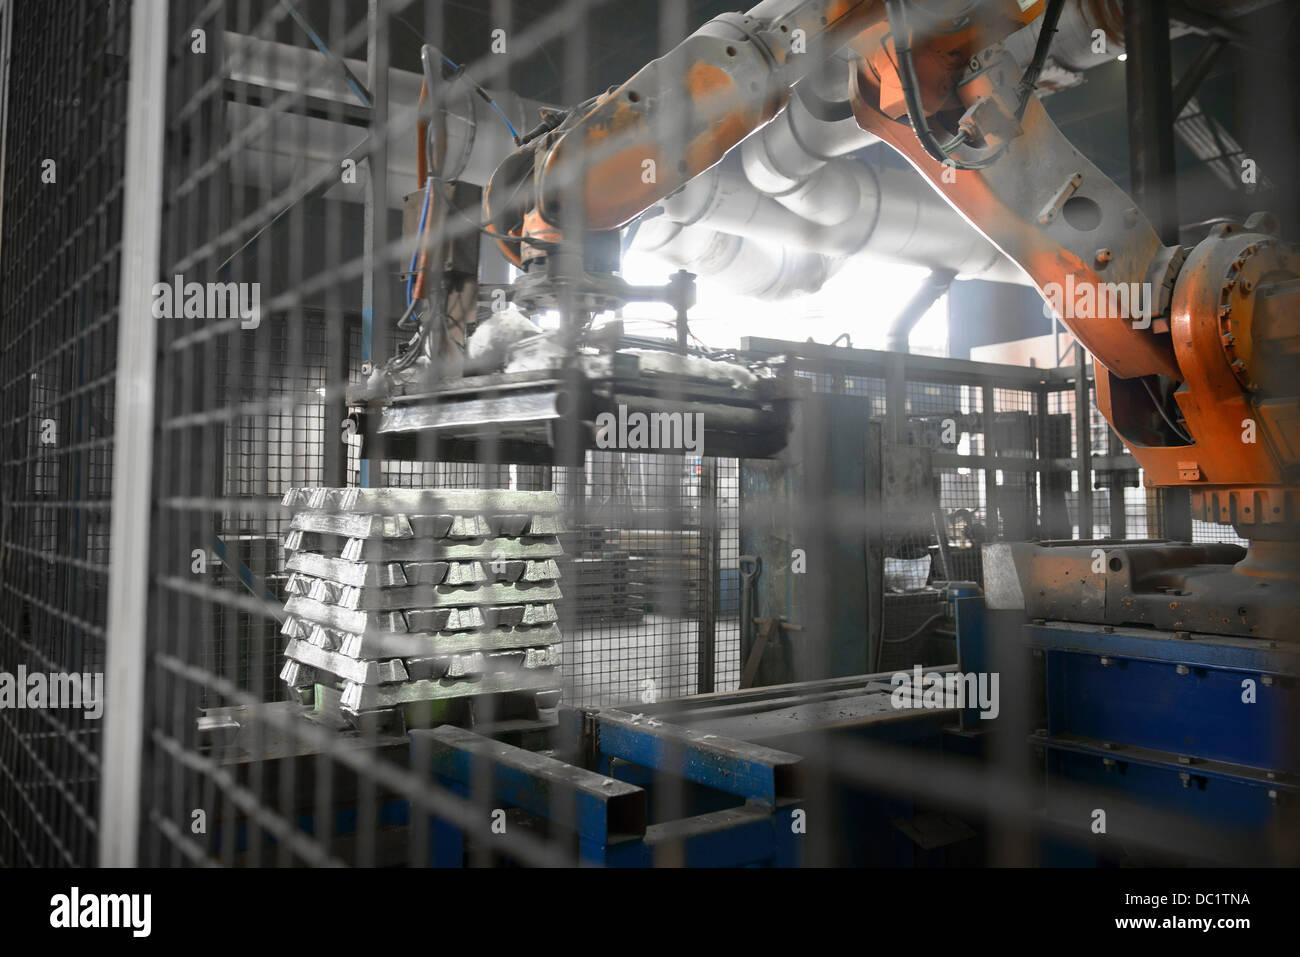 Levage de la machinerie lourde les lingots de métal à l'usine de recyclage de l'aluminium Photo Stock